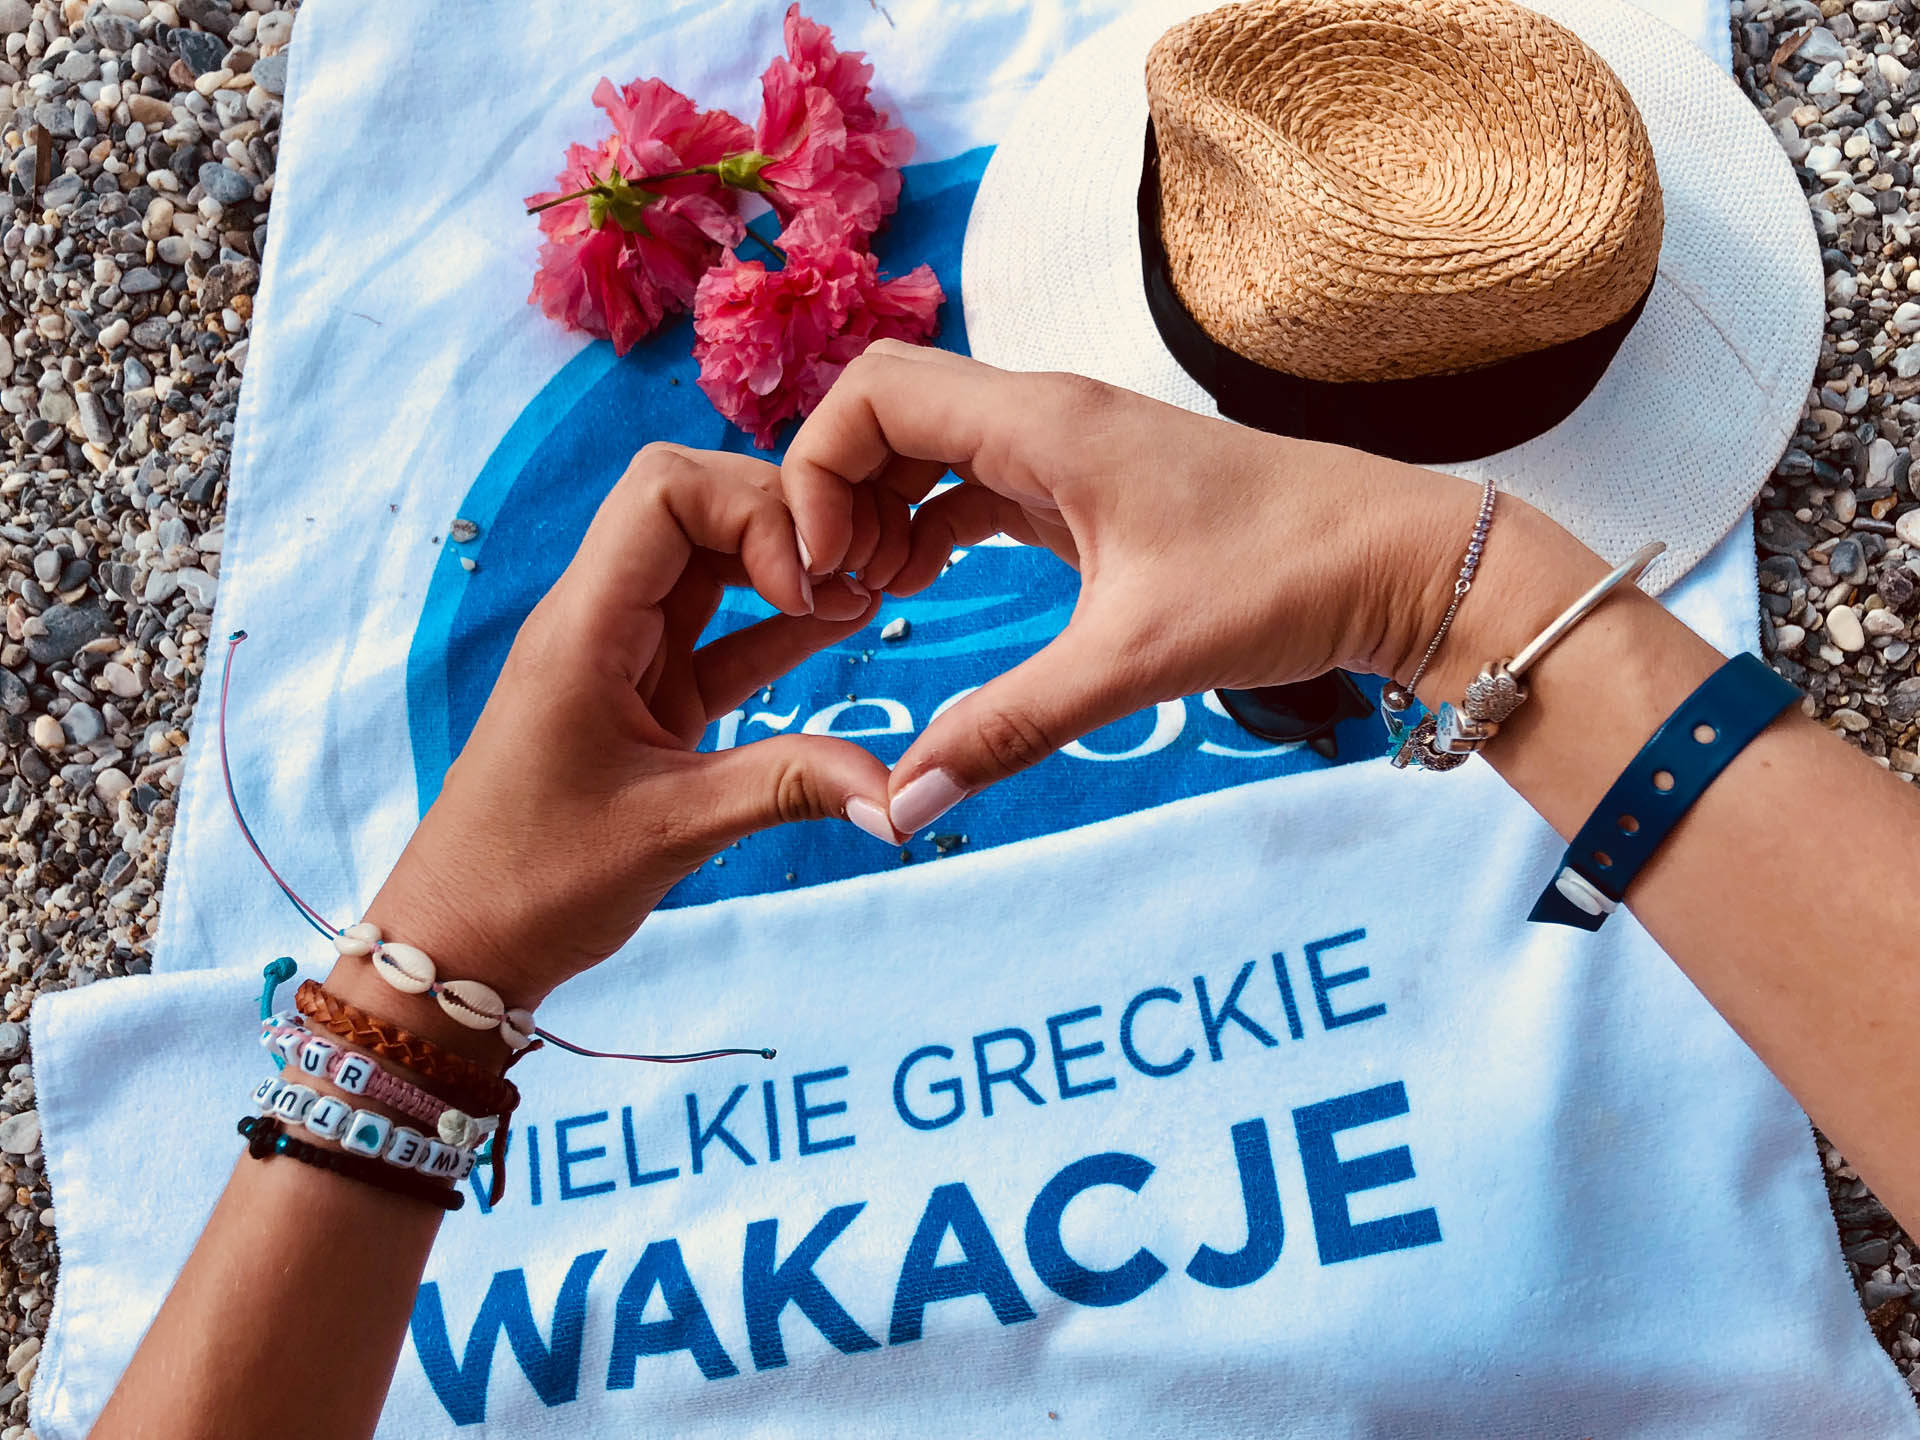 Wielkie Greckie Wakacje z Grecosem